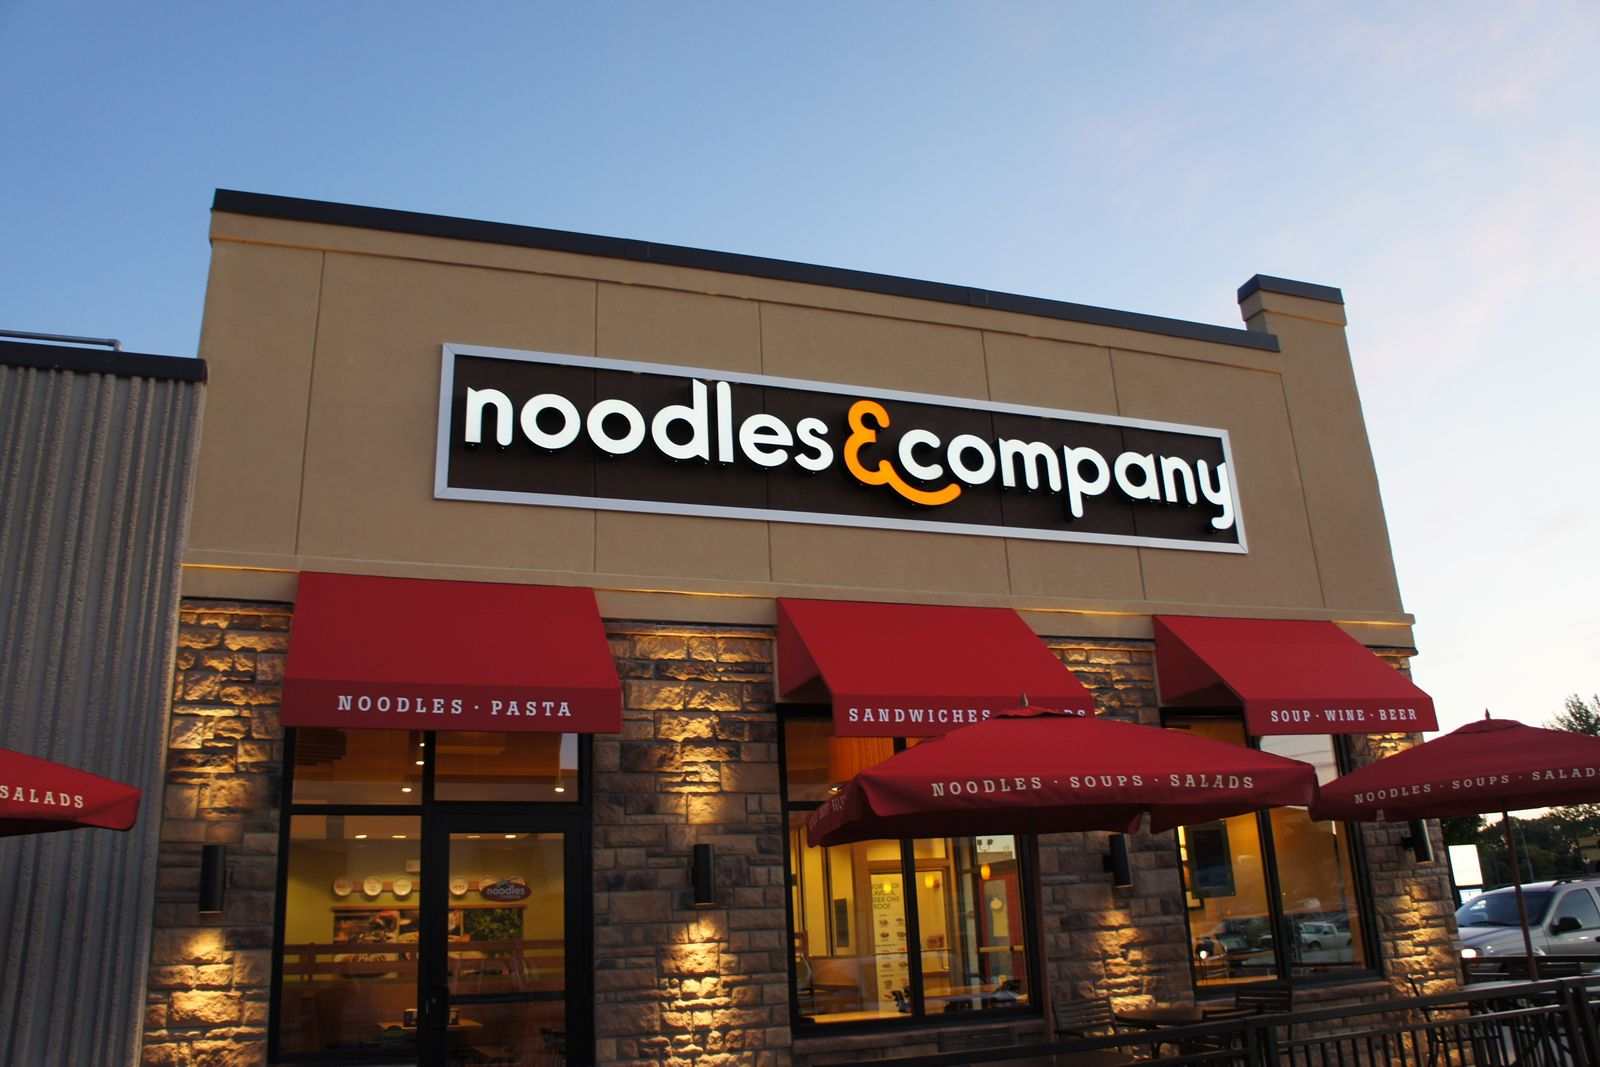 Noodles & Company teste la deuxième cuisine fantôme à San Jose